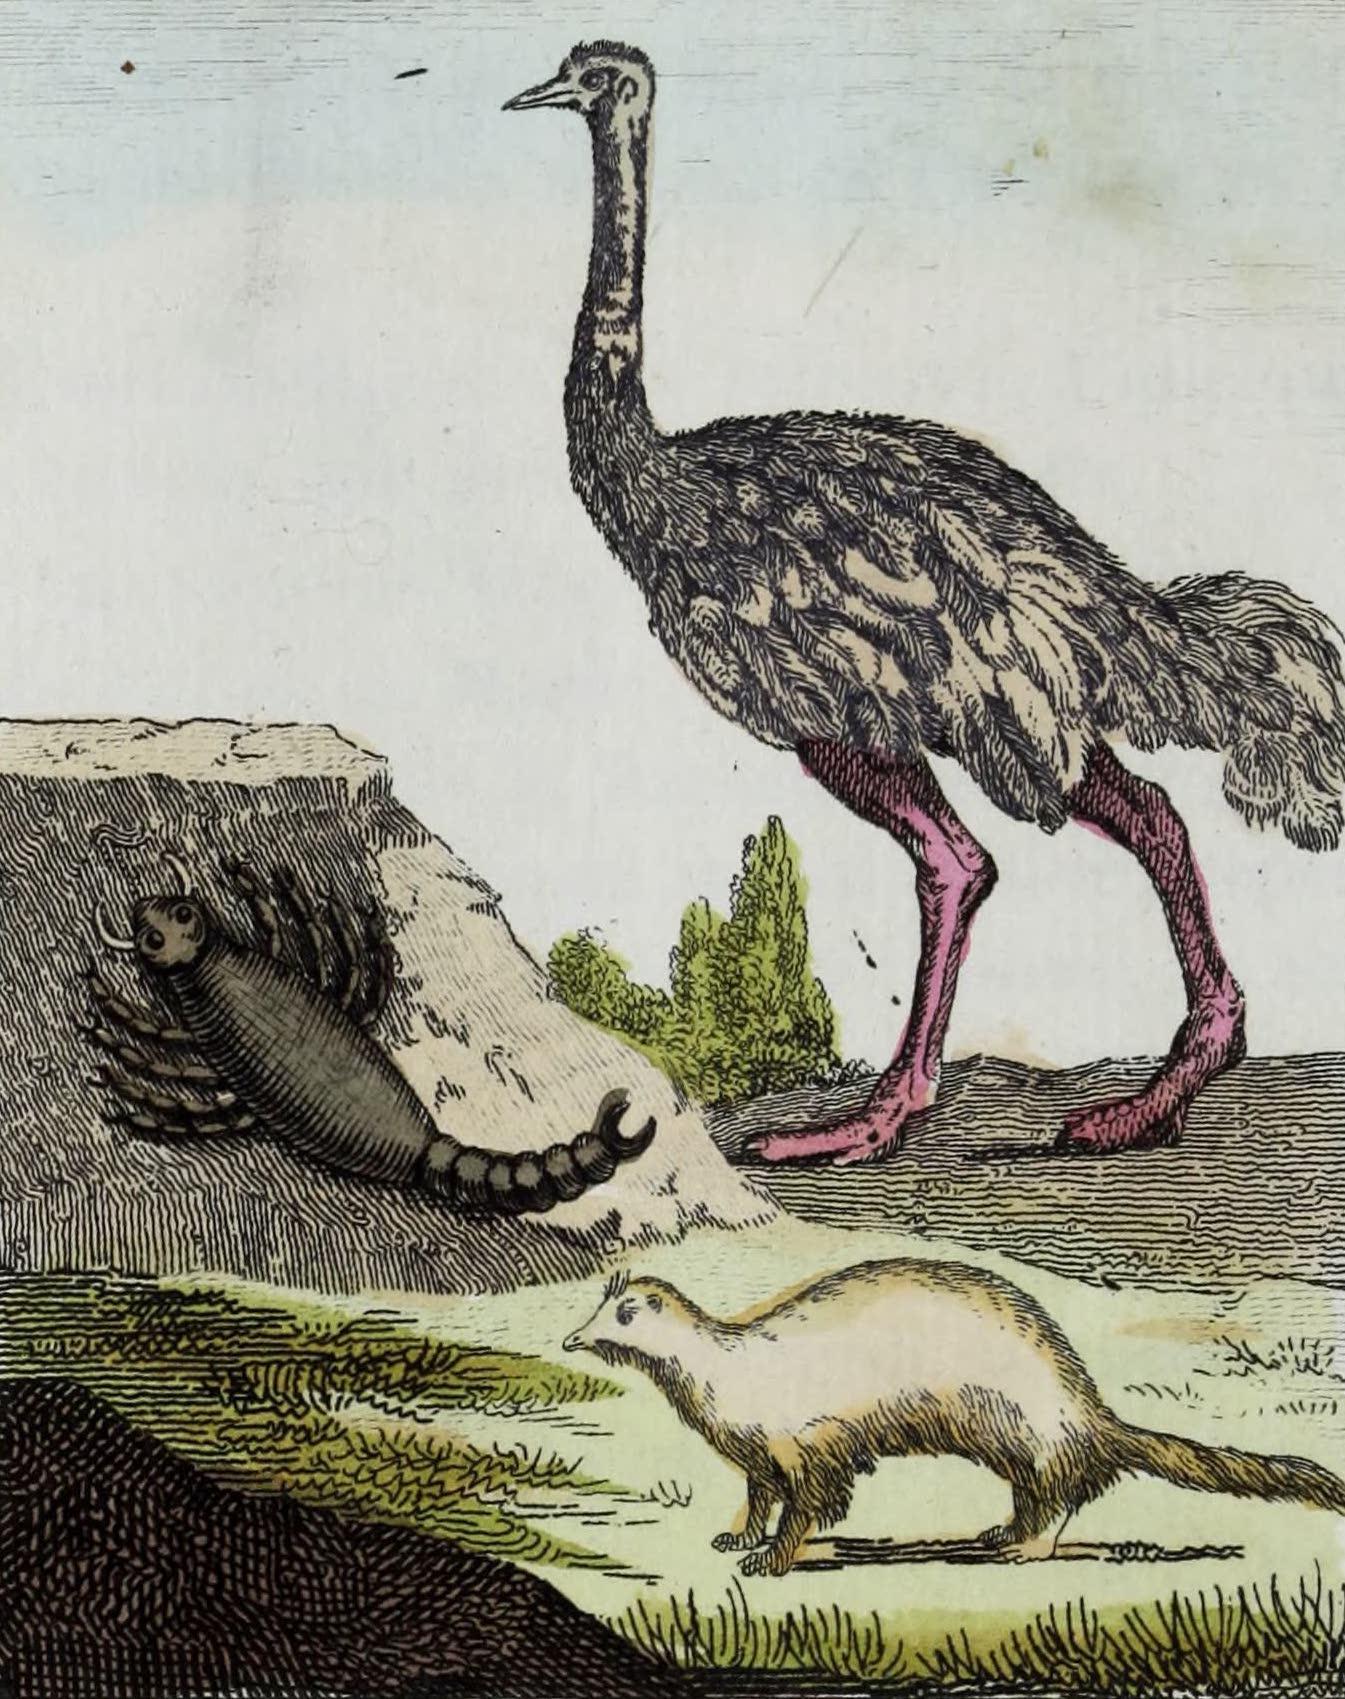 Geographie Vivante, ou, Tableaux Raisonnes - L'Autruche, le Scorpion, le Furet (1821)